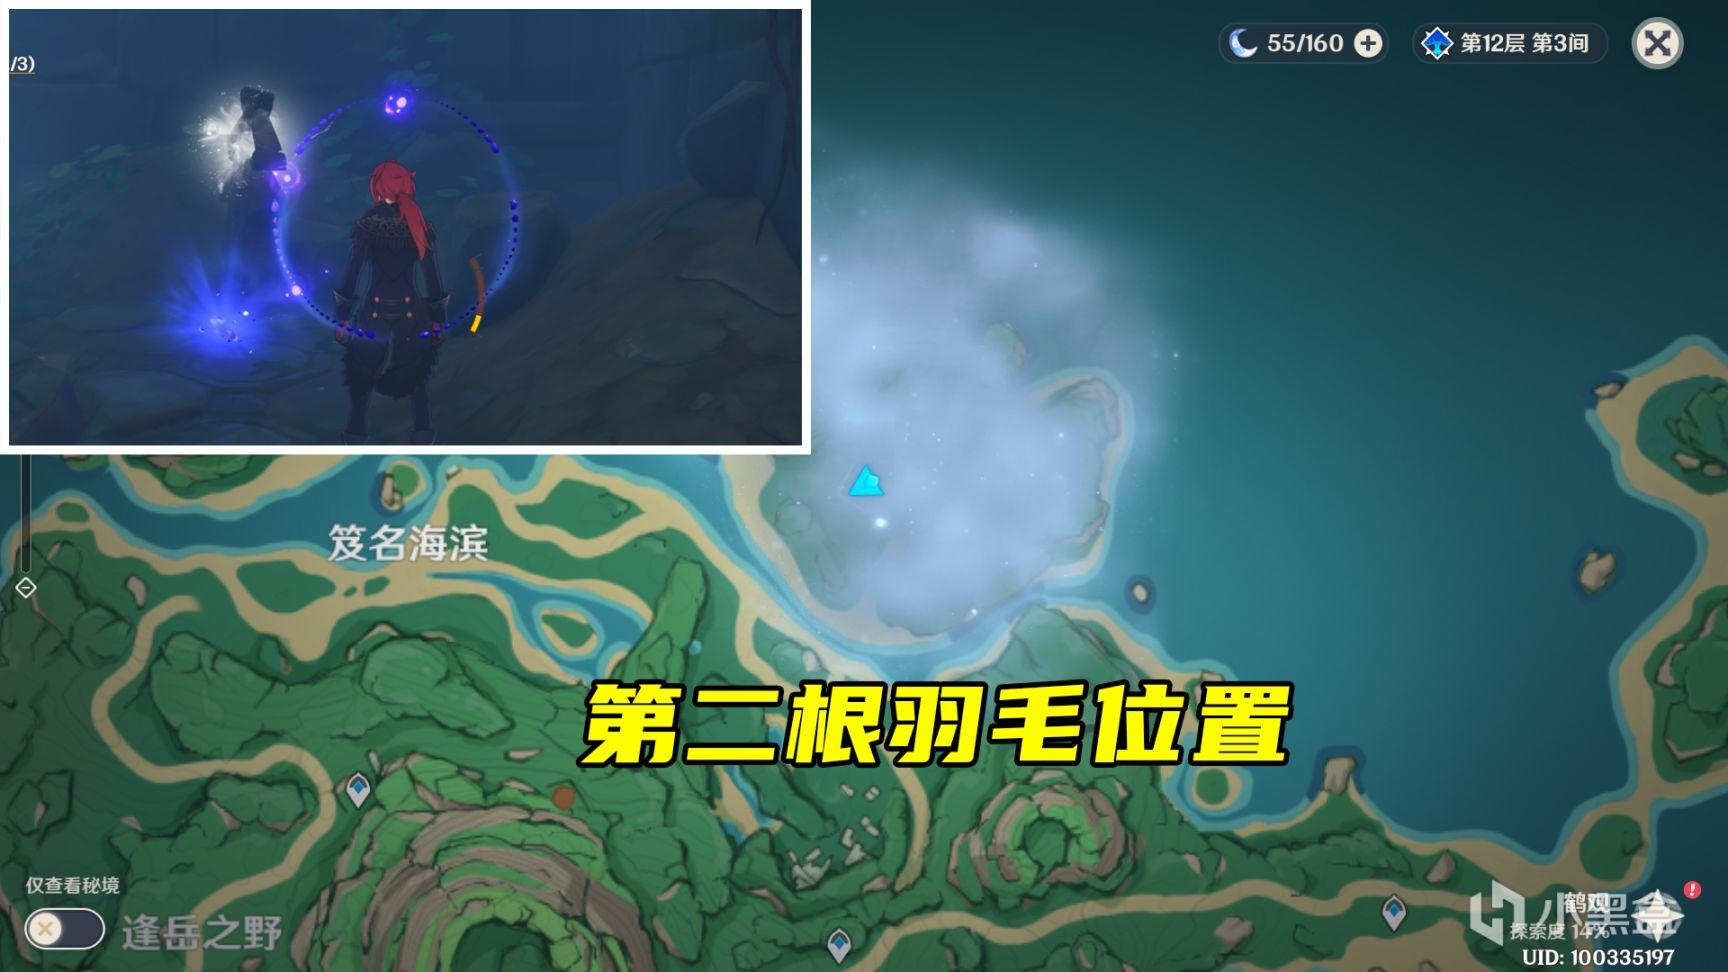 【雾海纪行】最详细的全攻略(多图警告)插图48